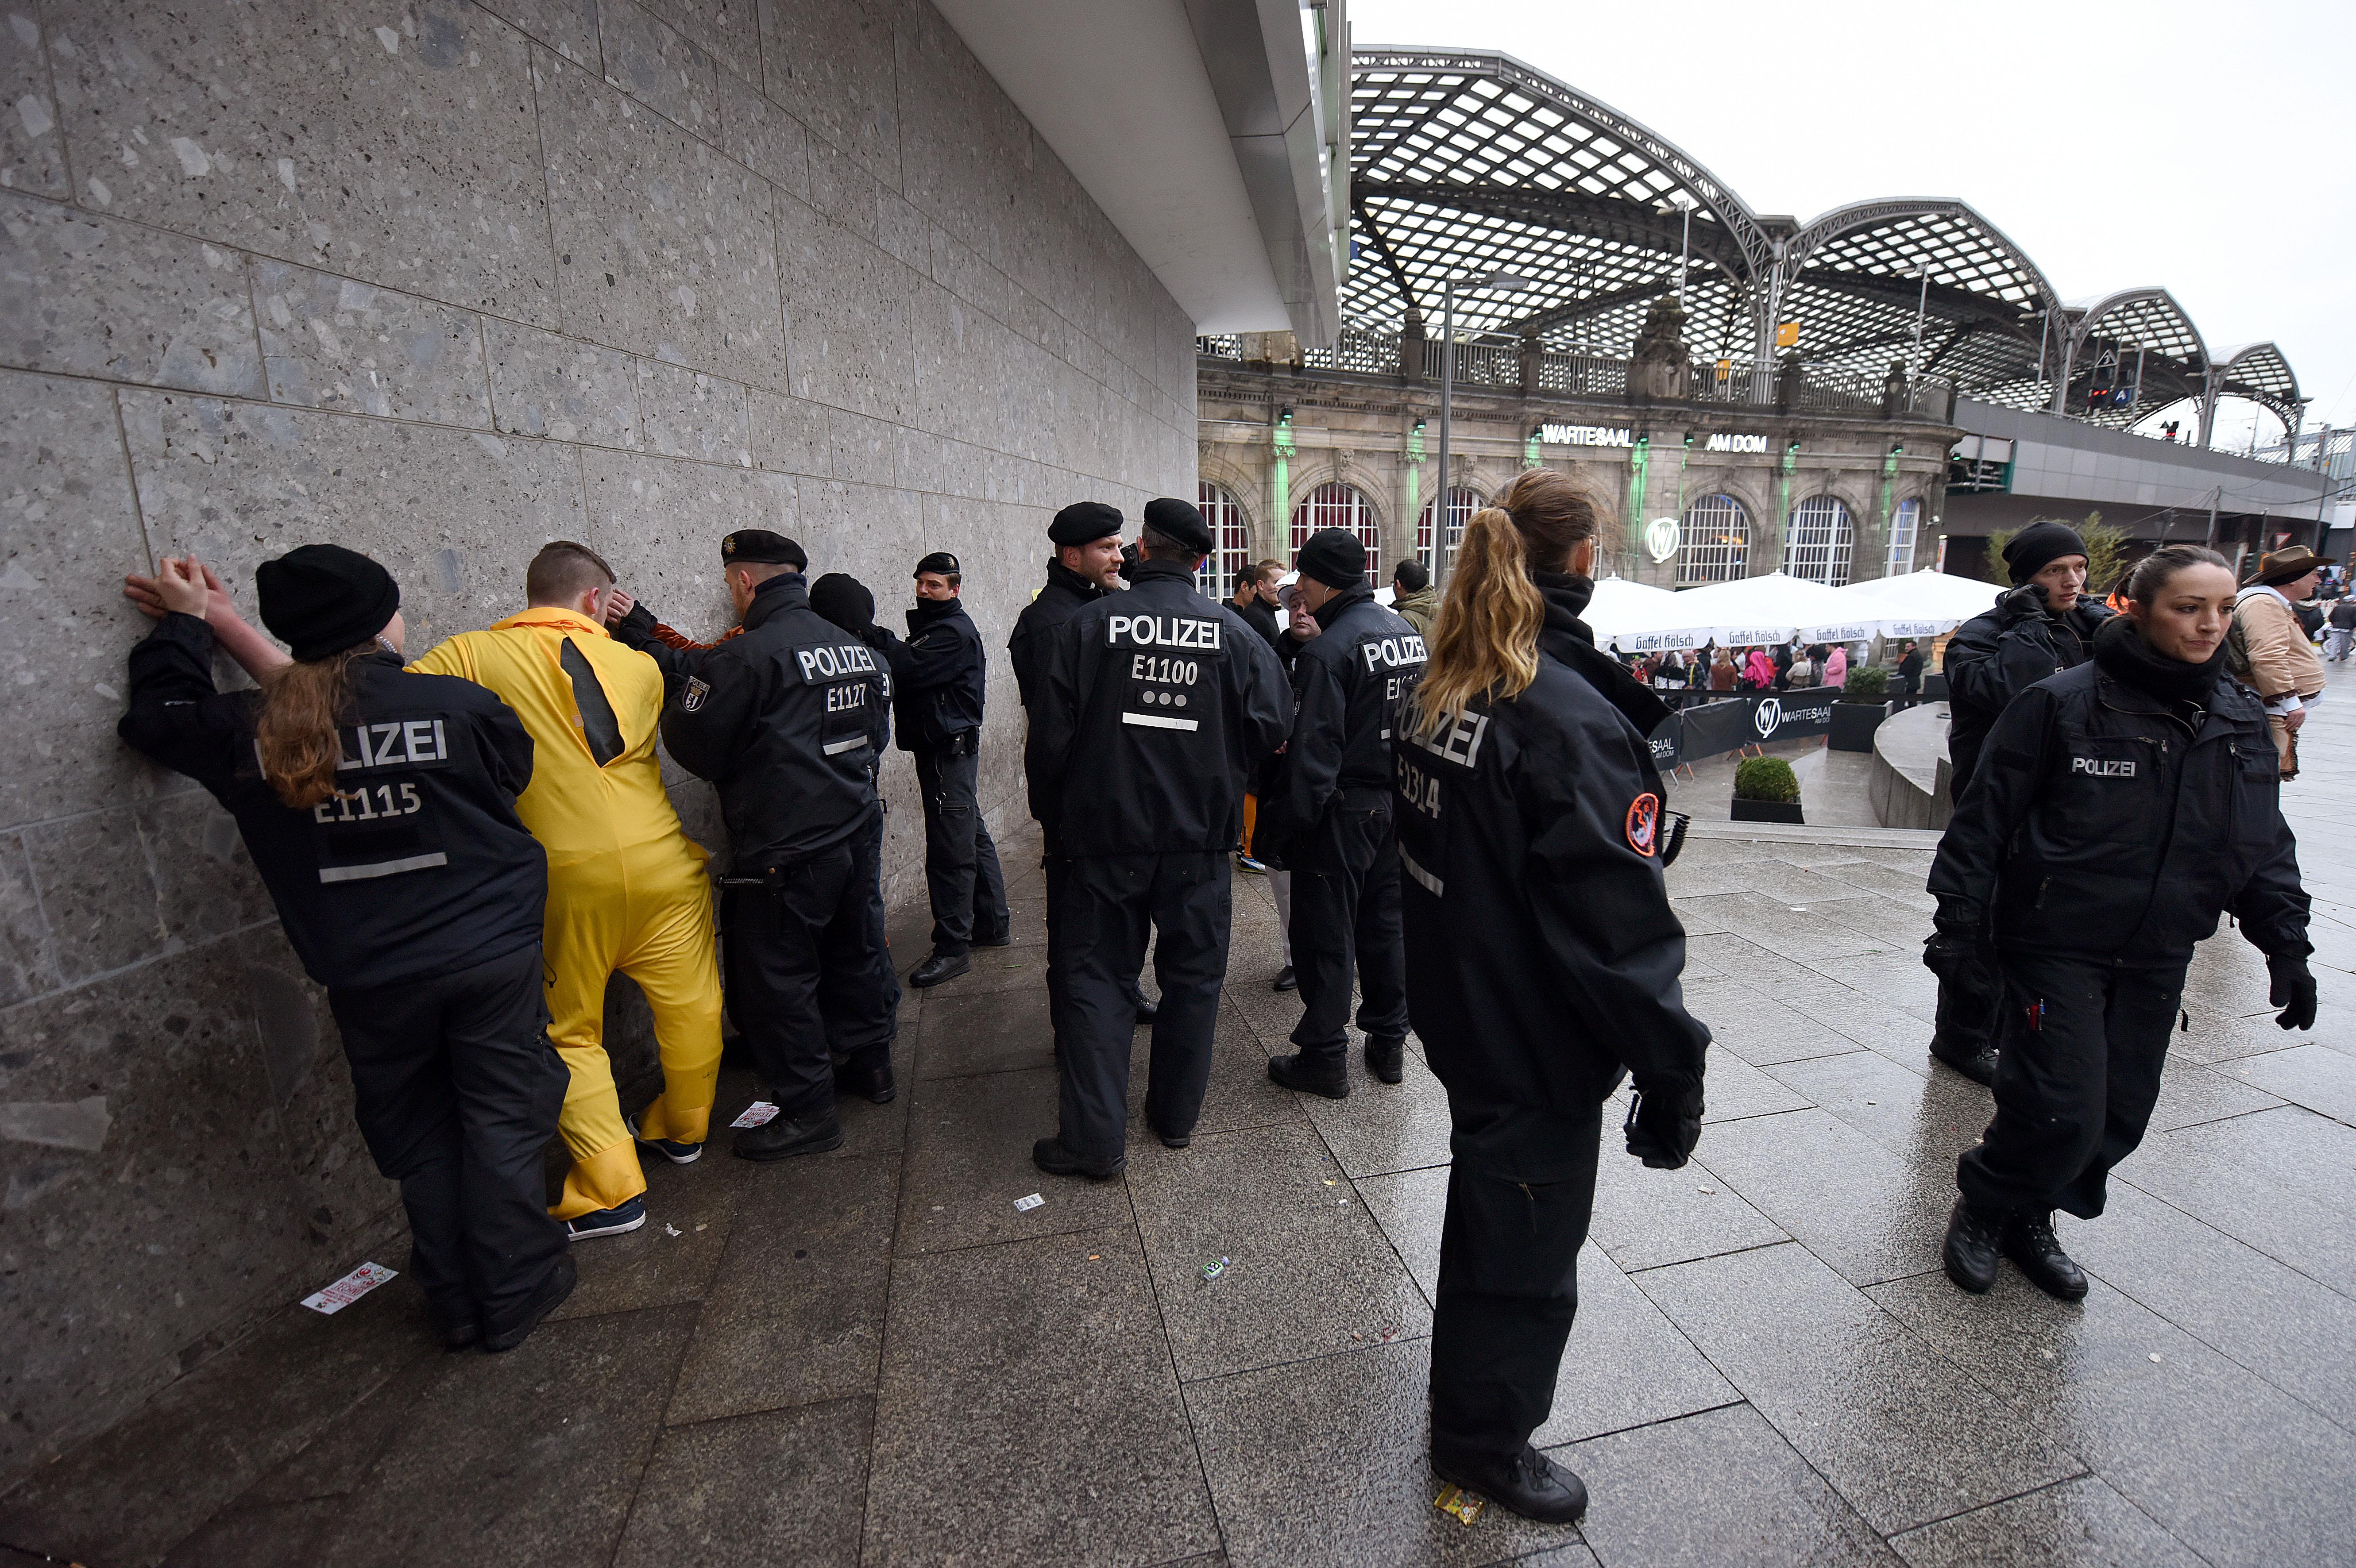 Zeci de reclamatii la politie, in prima zi a carnavalului de la Koln. Femeile au acuzat agresiuni cu caracter sexual